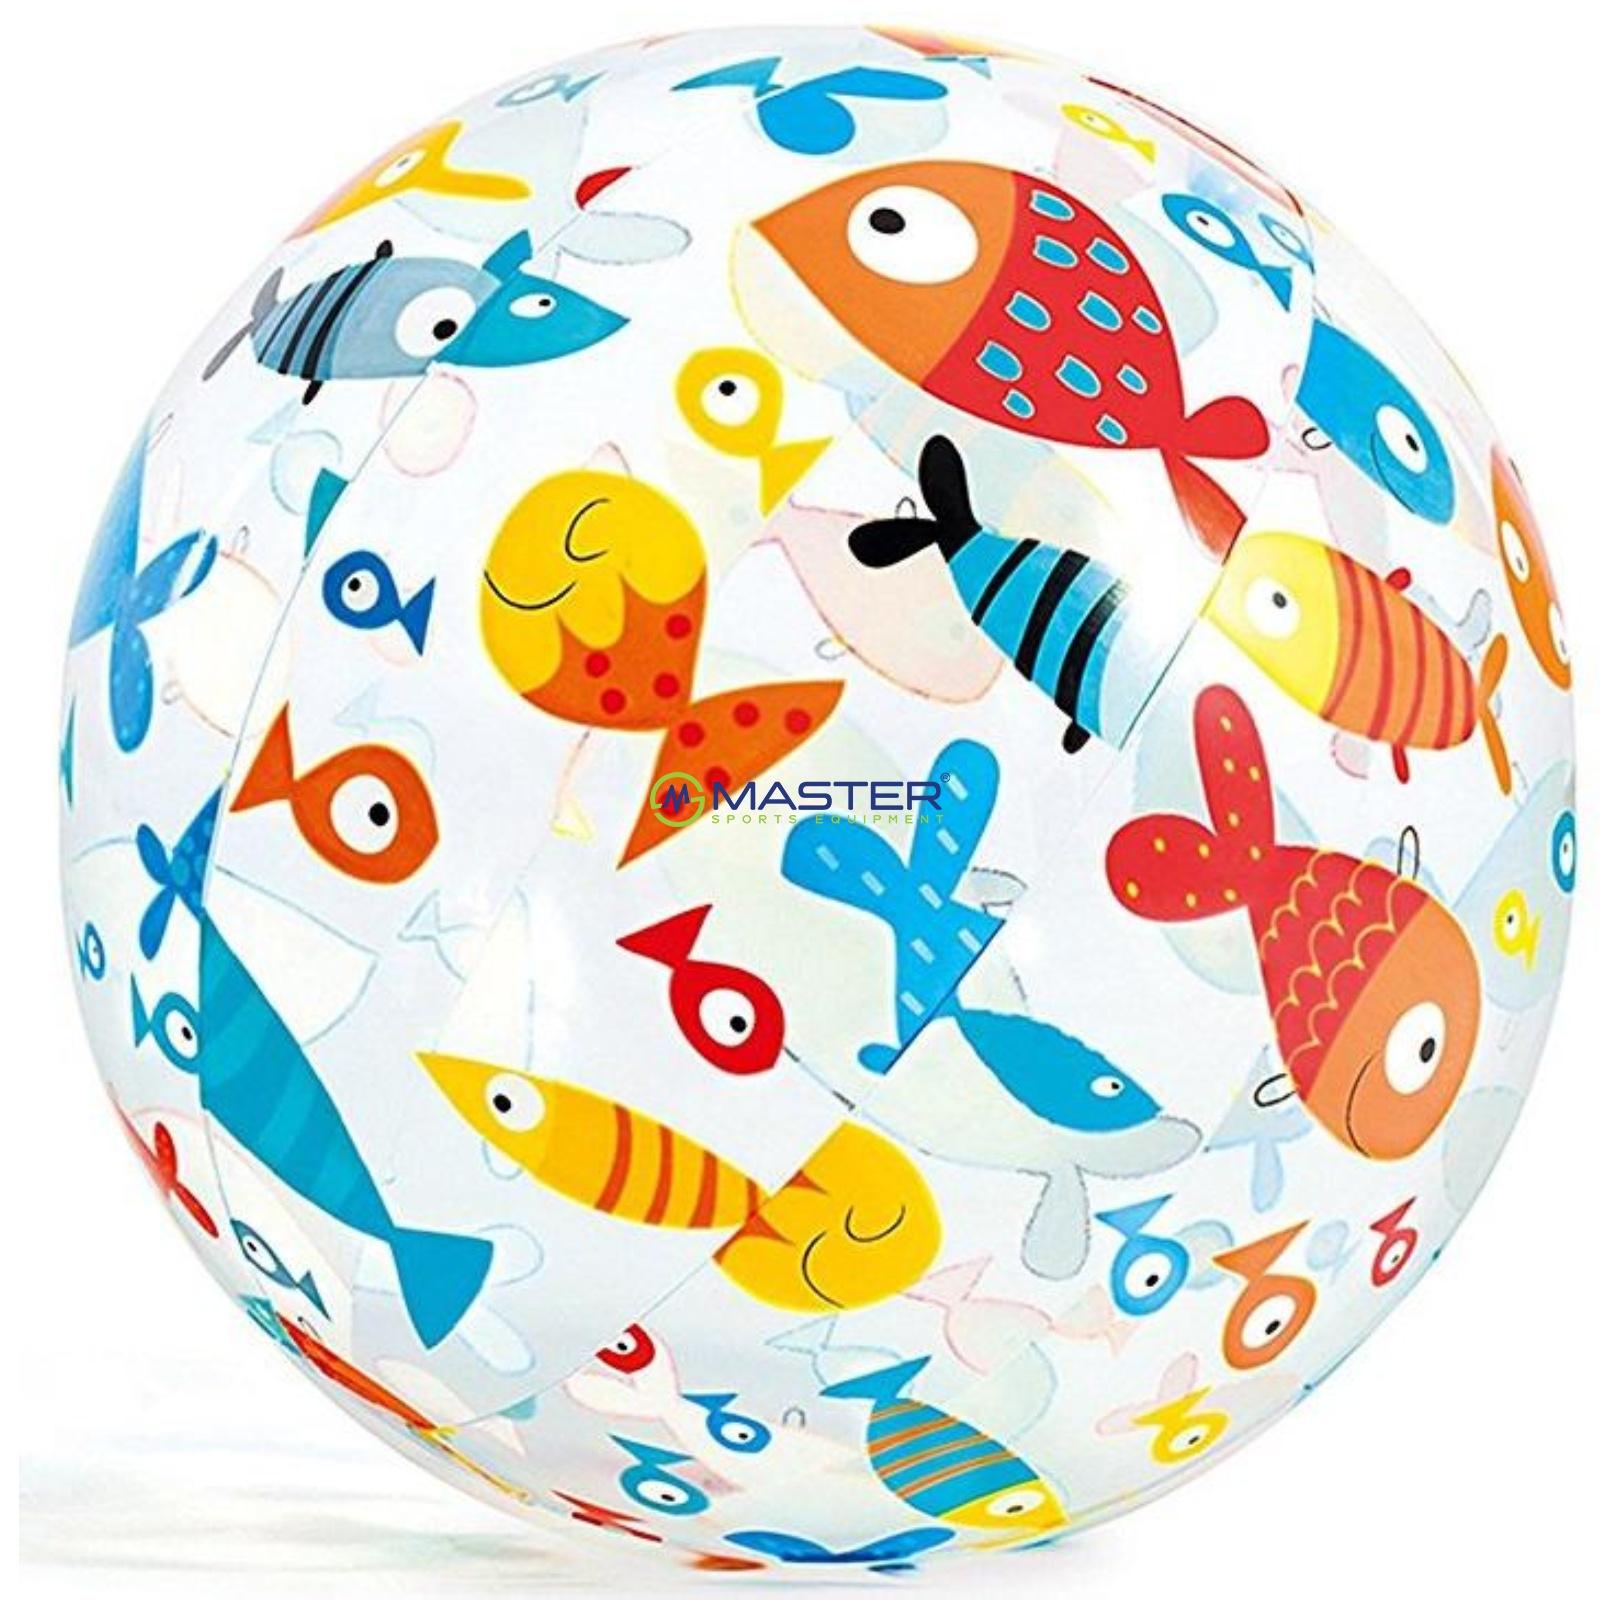 de497073c Nafukovacia plážová lopta s potlačou 51 cm | NAJLACNEJSISPORT.SK